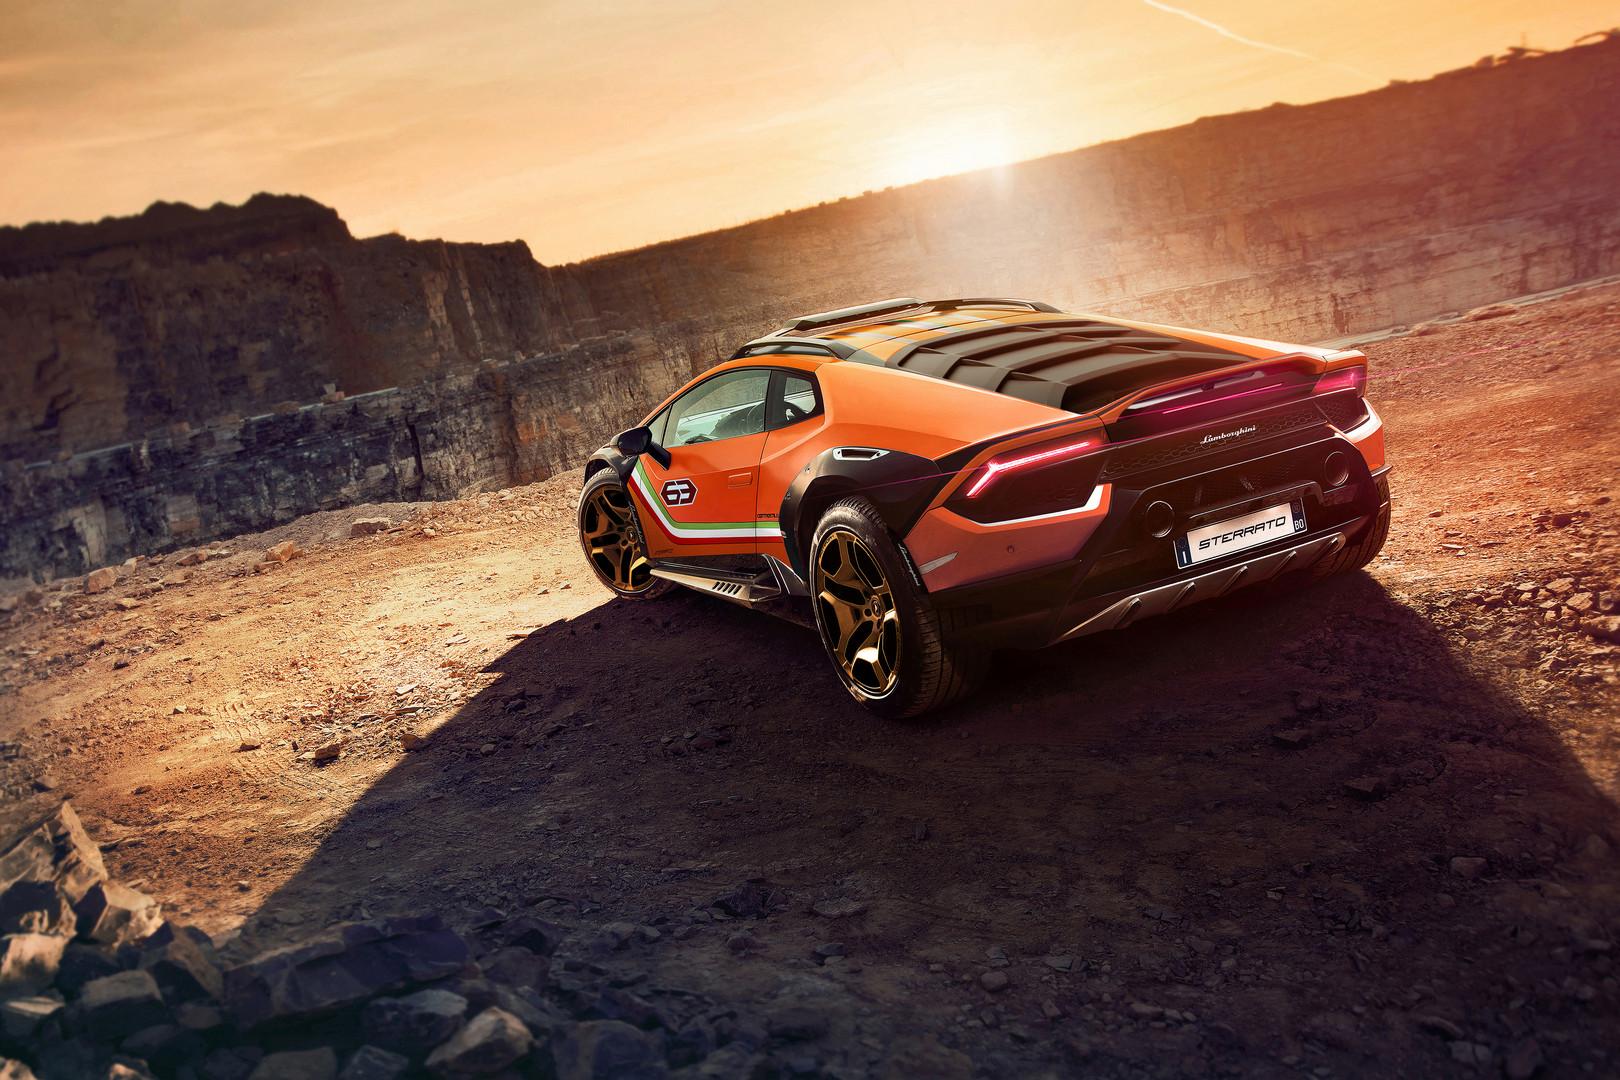 Lamborghini Huracan Sterrato Wallpaper